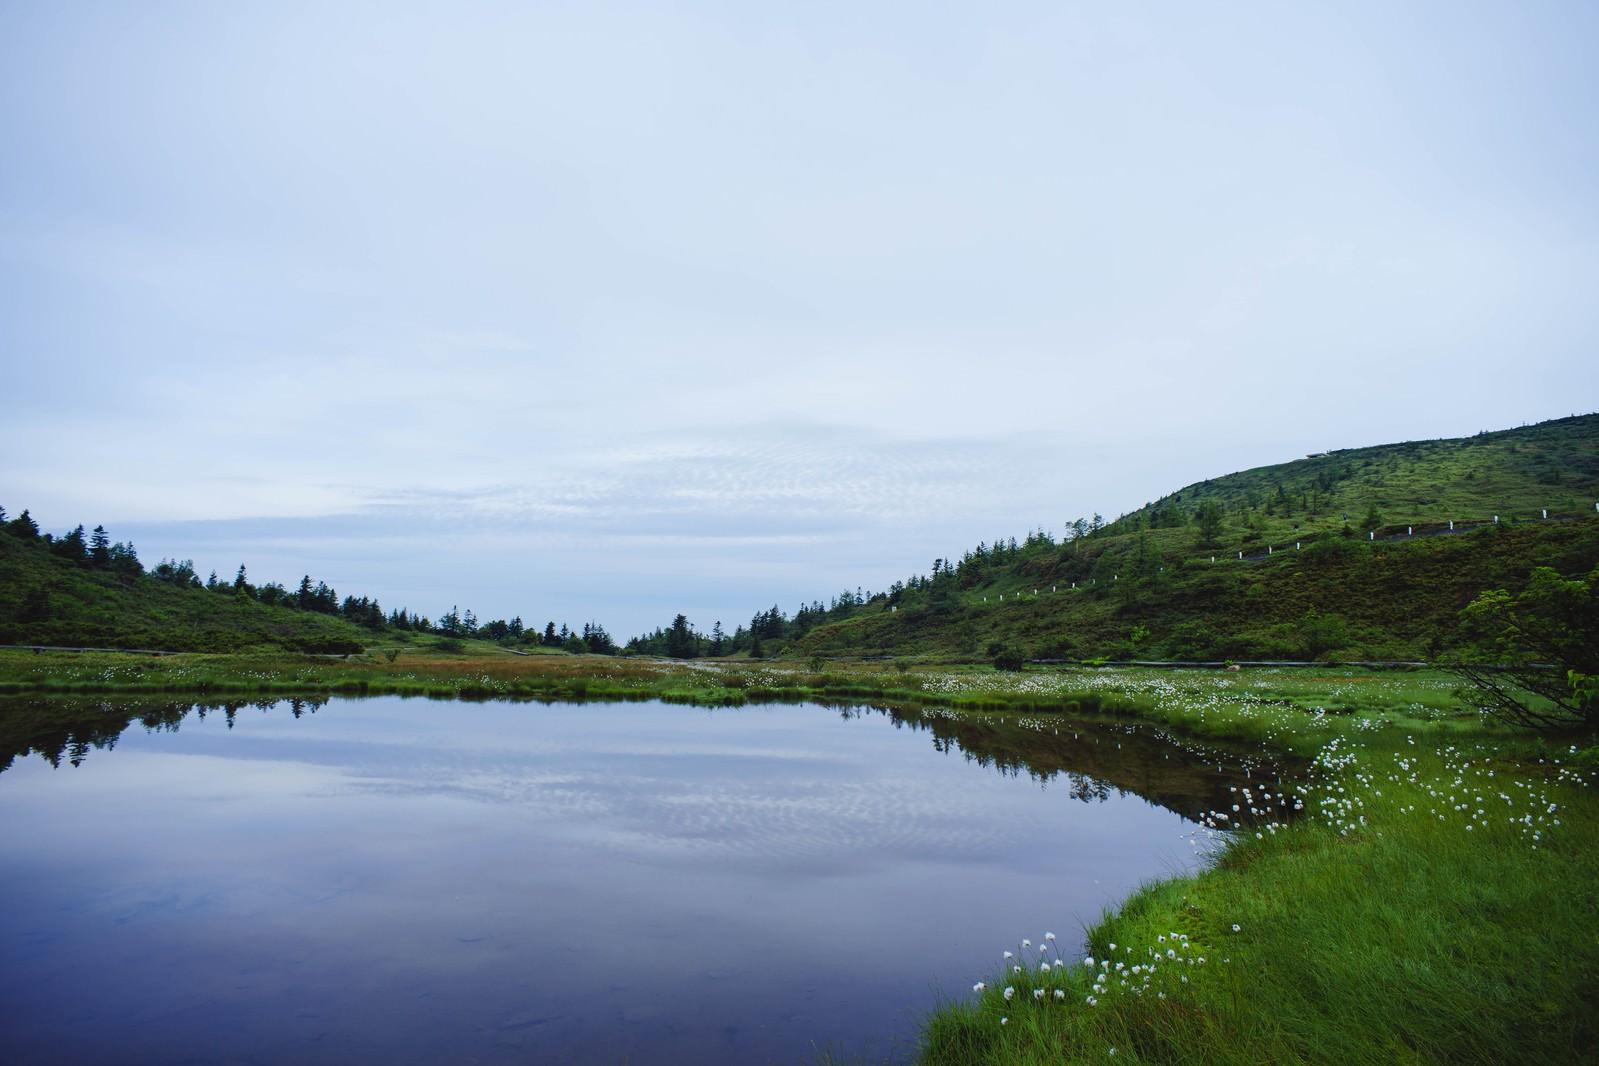 「ワタスゲが咲く弓池」の写真